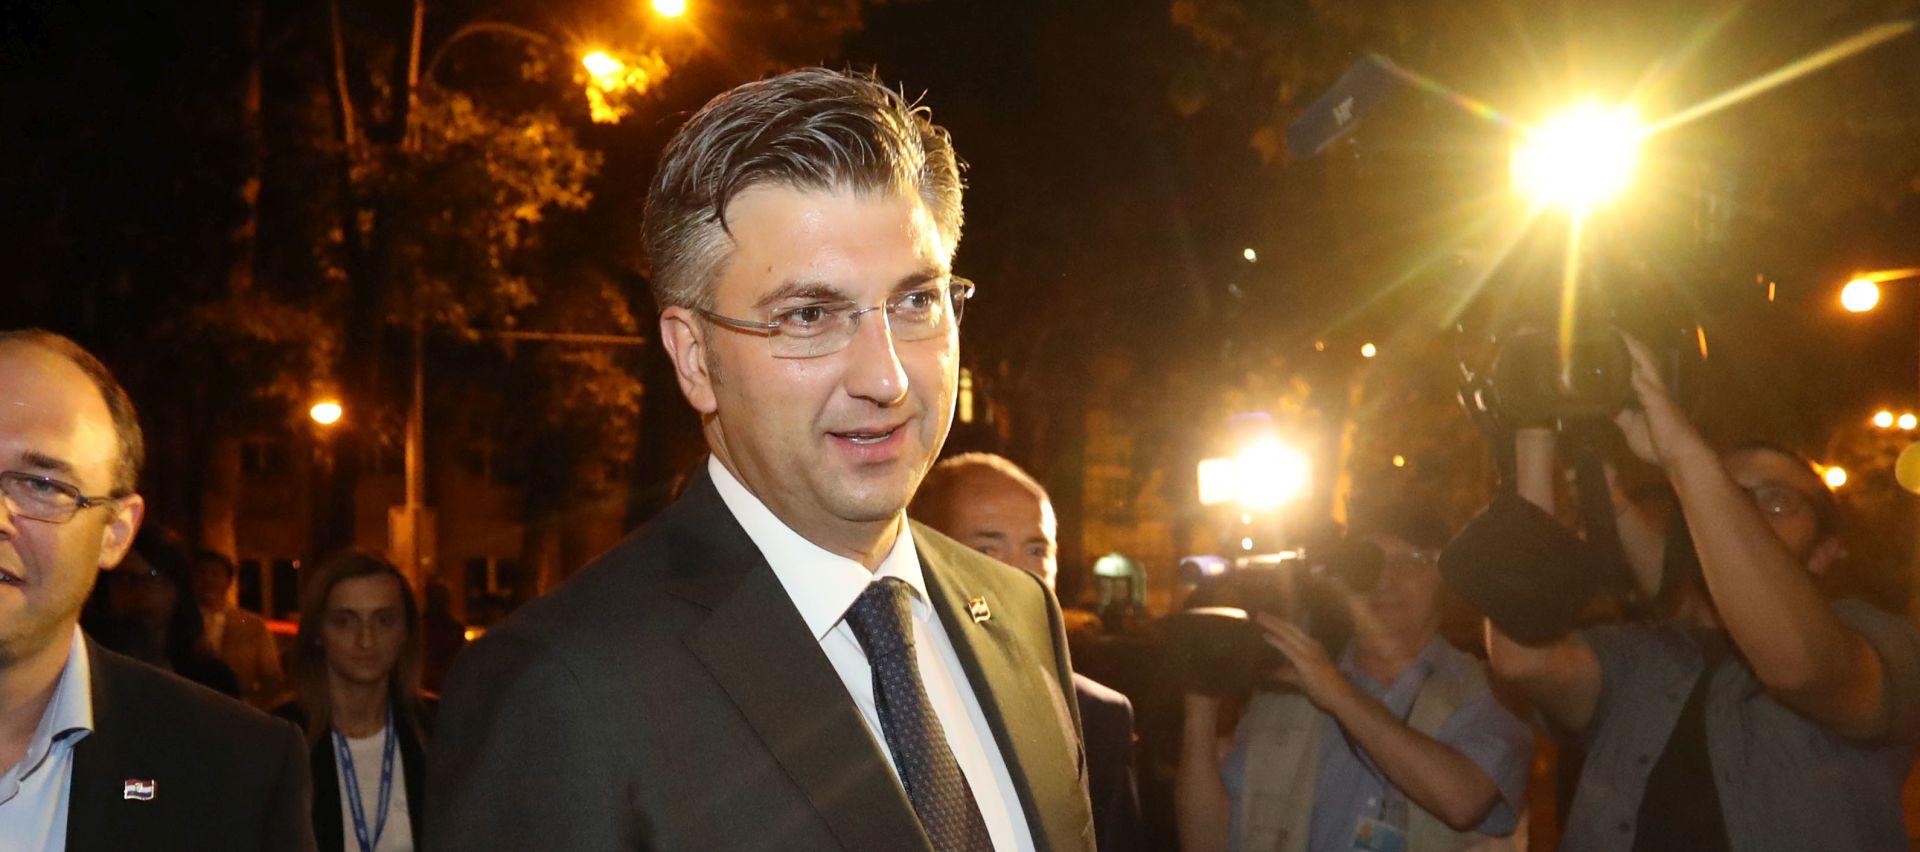 Plenković: Hrvatska za uvođenje bezviznog režima EU-Ukrajina